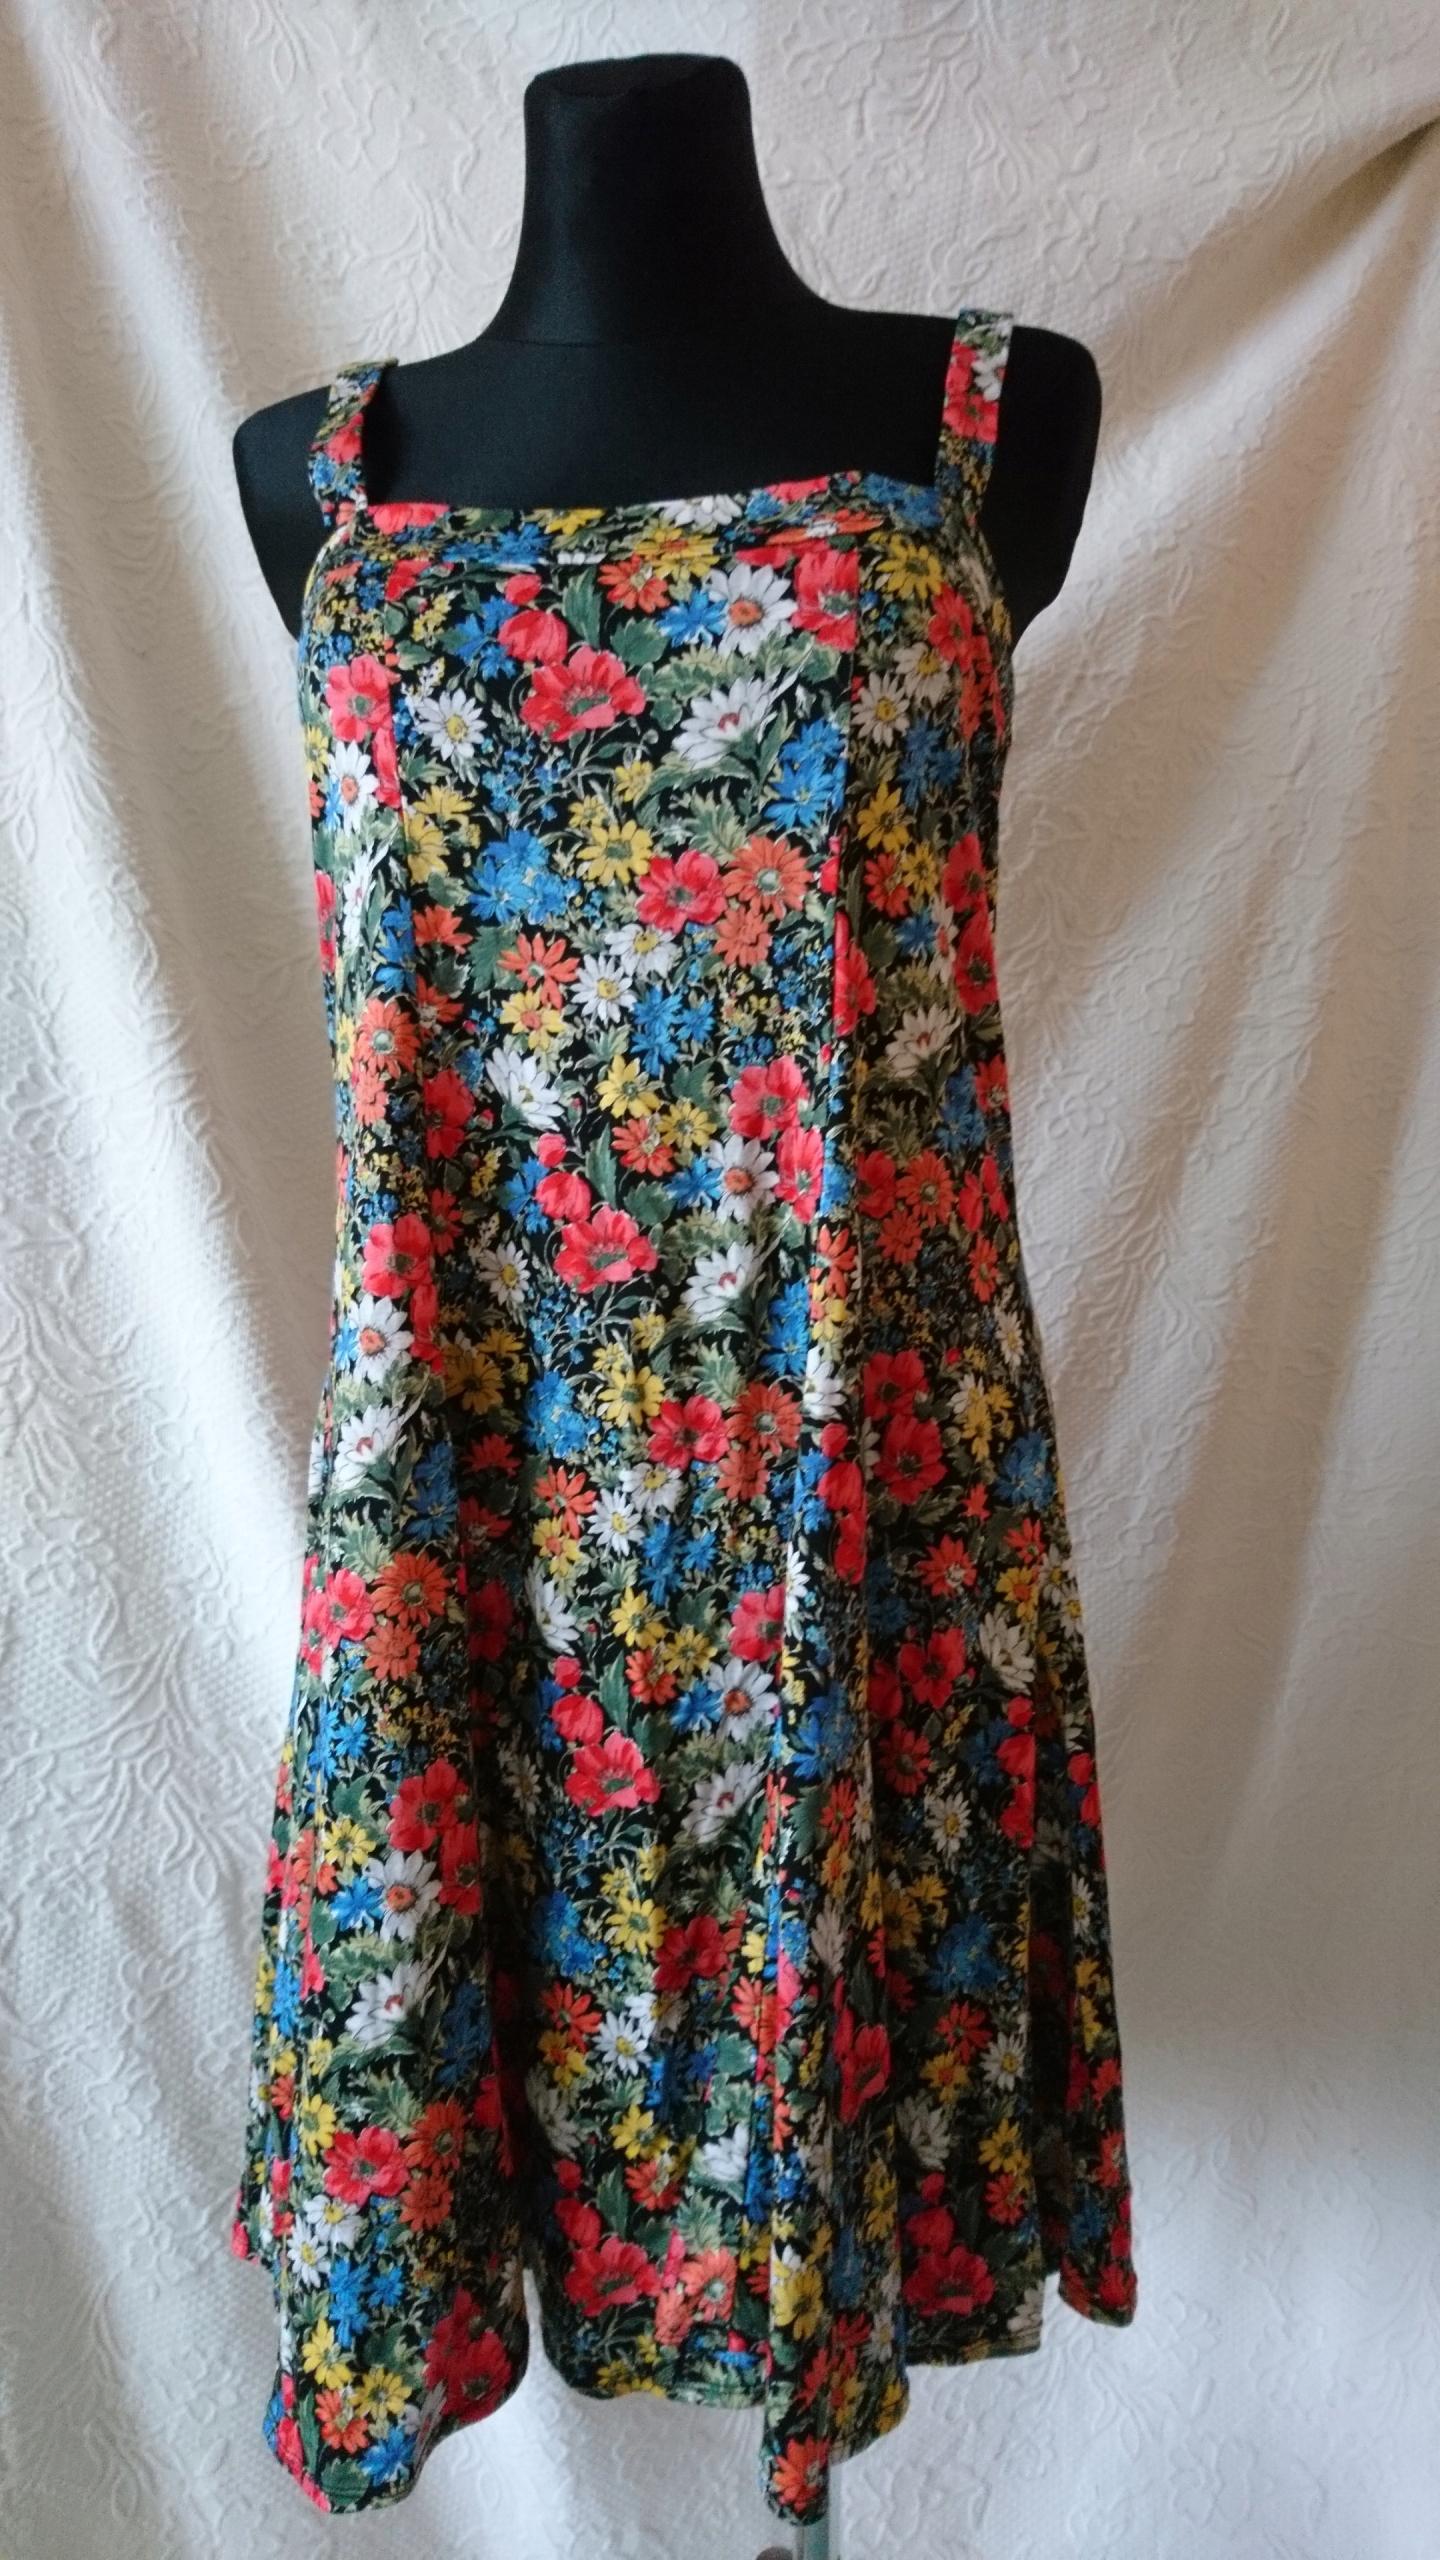 df751535c1 Sukienka kolorowa maki chabry stokrotki L XL - 7805656220 ...